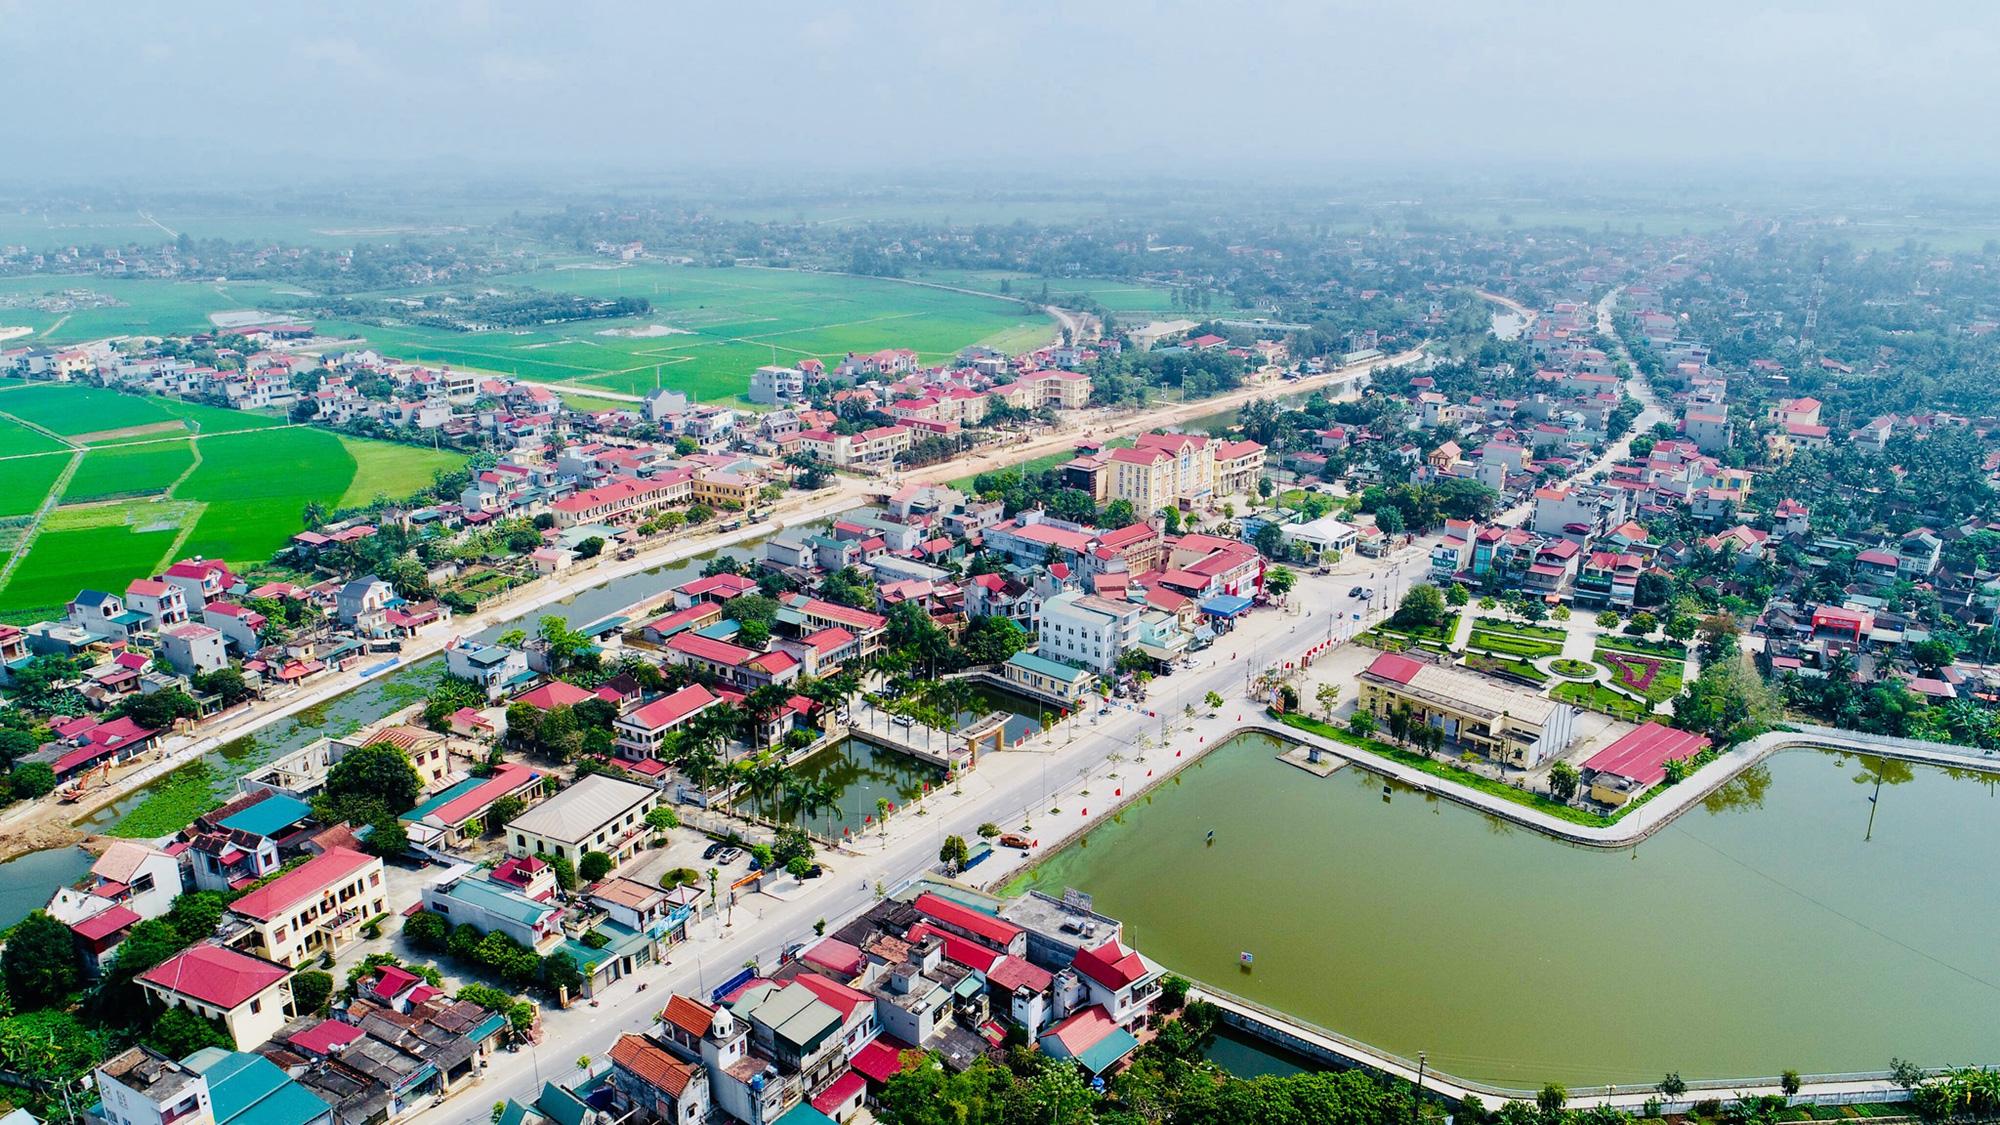 Hậu Lộc, Thanh Hóa sắp có thêm khu dân cư hơn 720 tỷ đồng, giáp tỉnh lộ 526B - Ảnh 1.